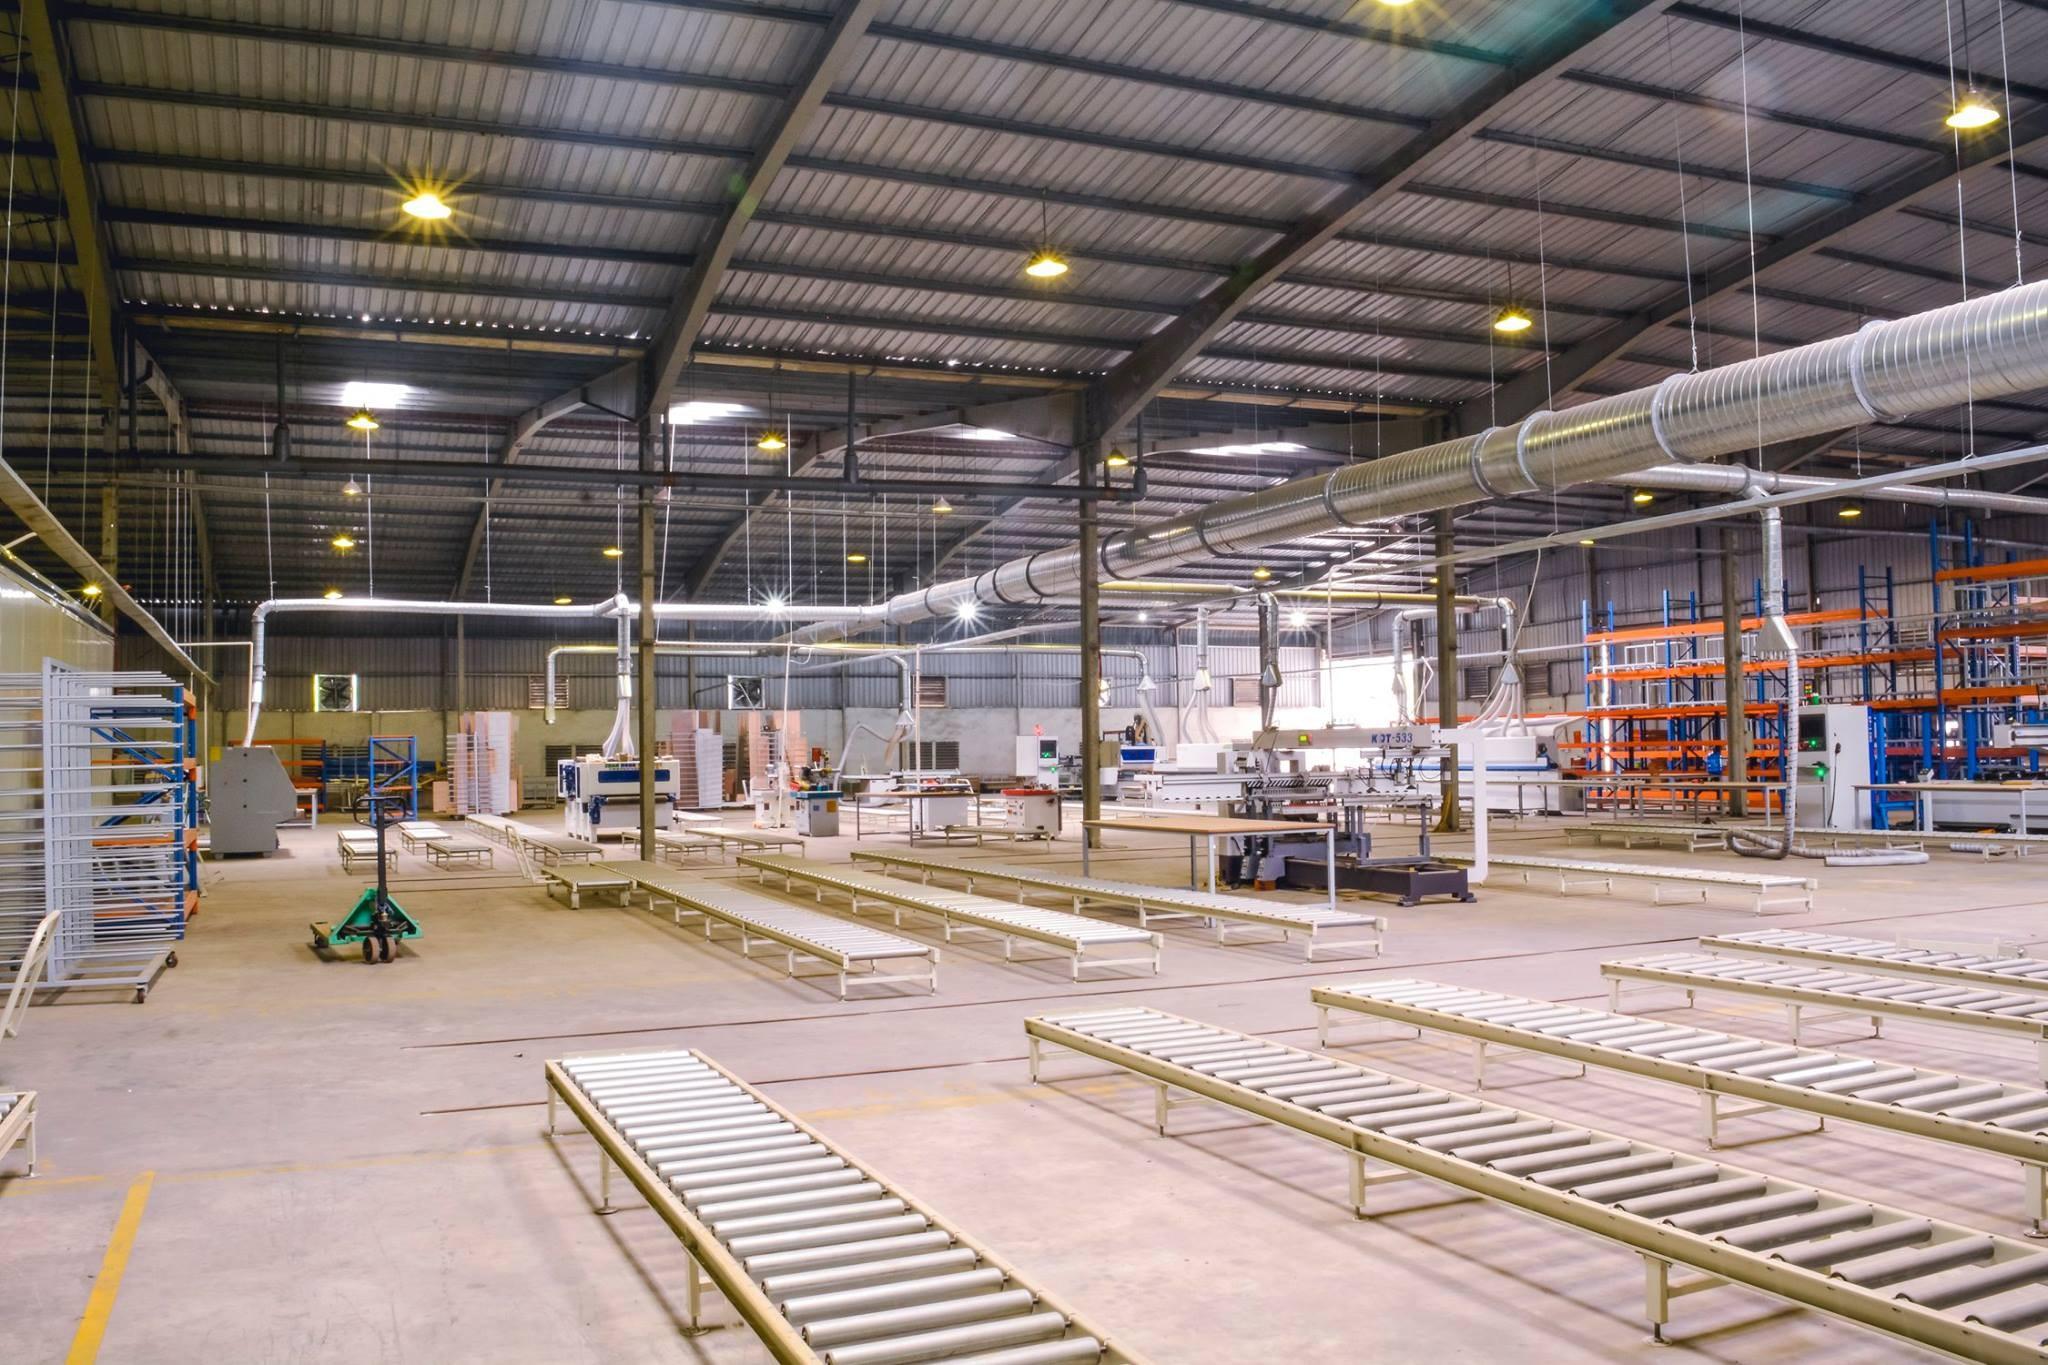 xưởng sản xuất quy mô nhỏ long an